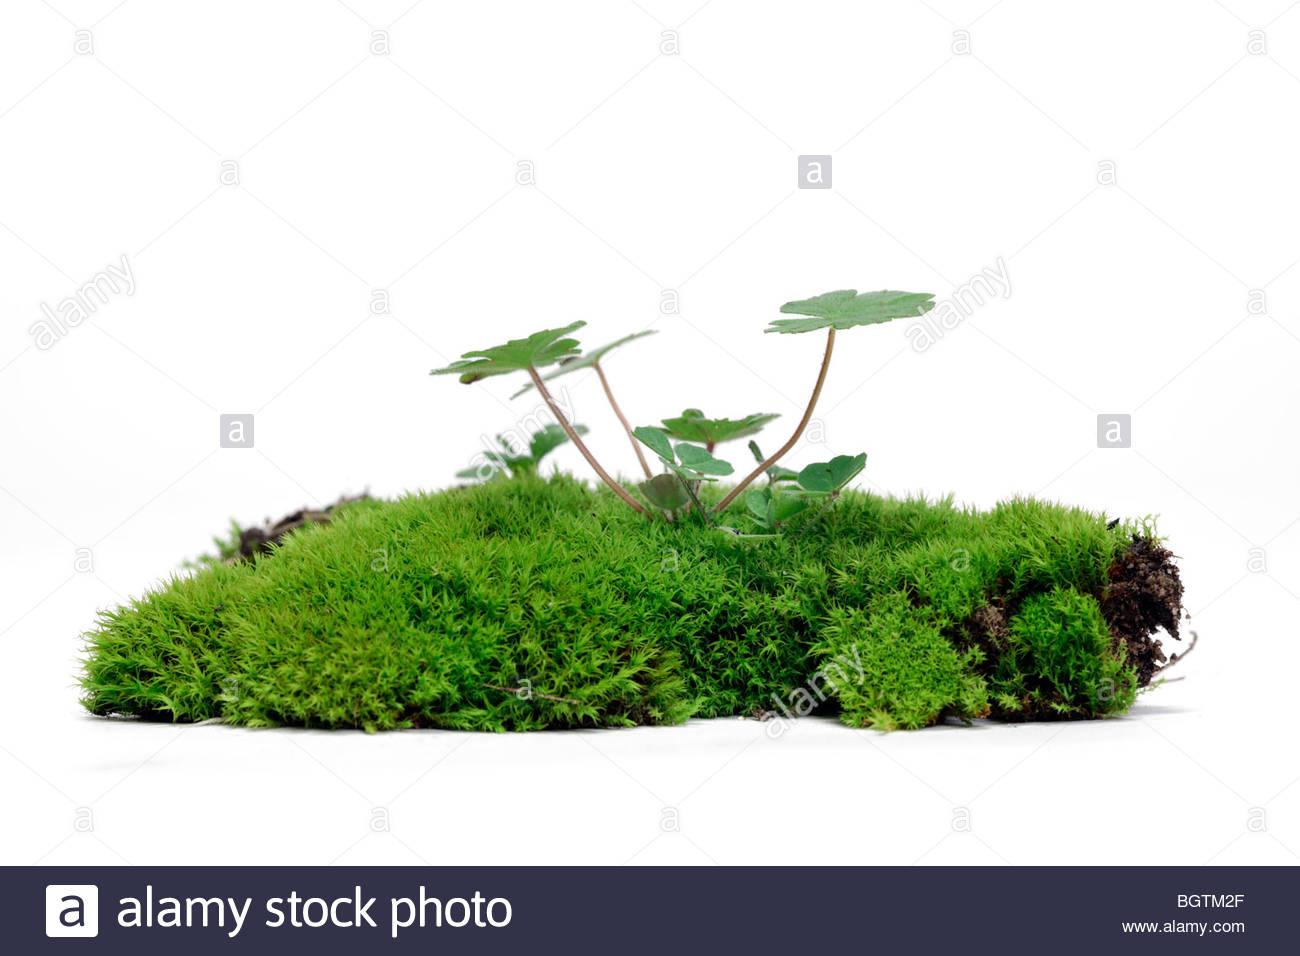 Musgo verde fresco con la brotación el césped joven Imagen De Stock